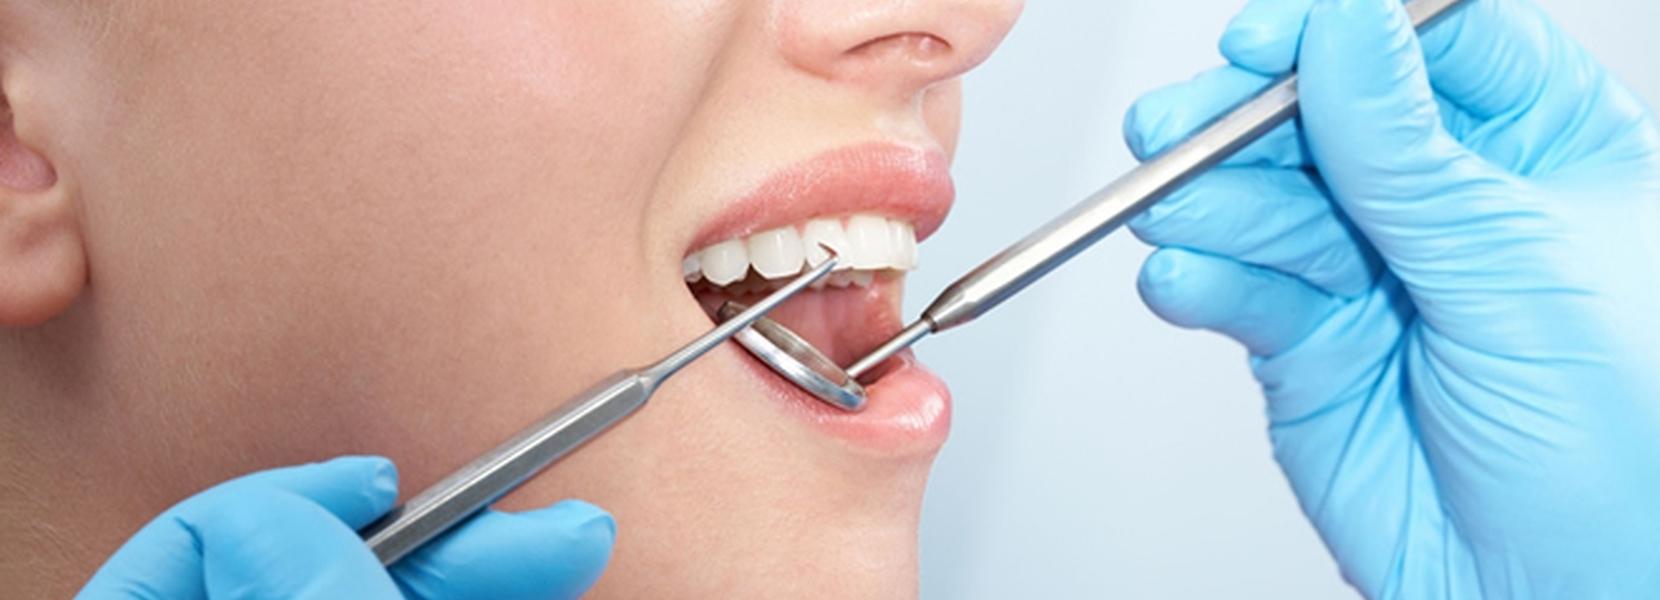 Stomatološka protetika      Dentalna estetika